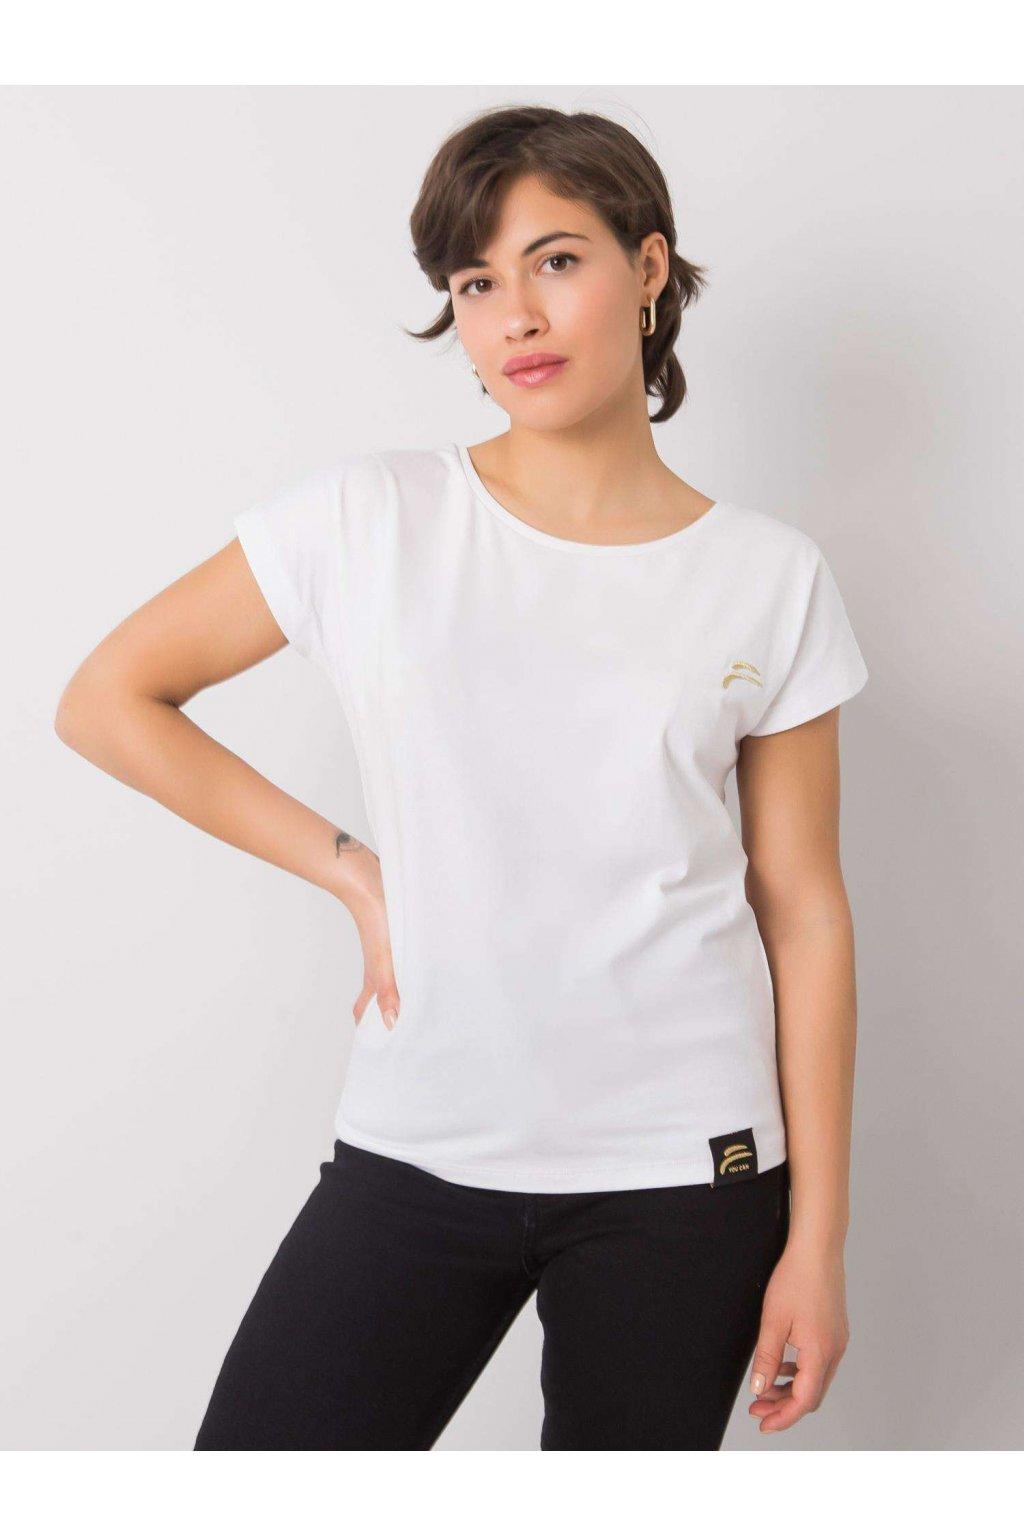 Dámske tričko jednofarebné kód TK-FF-TS-02052021.54P